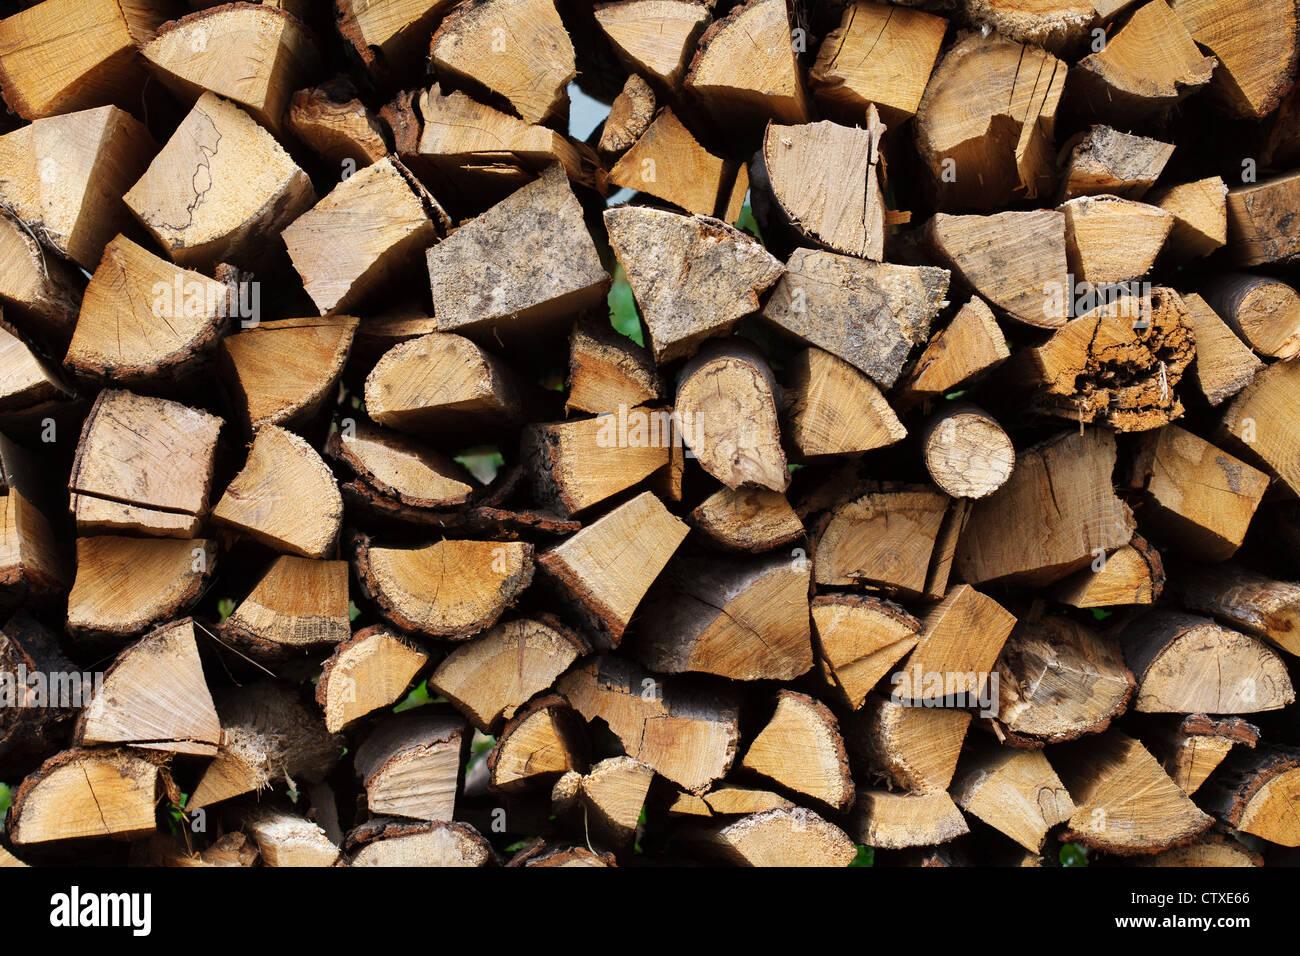 Madera cortada apilada para el invierno o en construcción Imagen De Stock